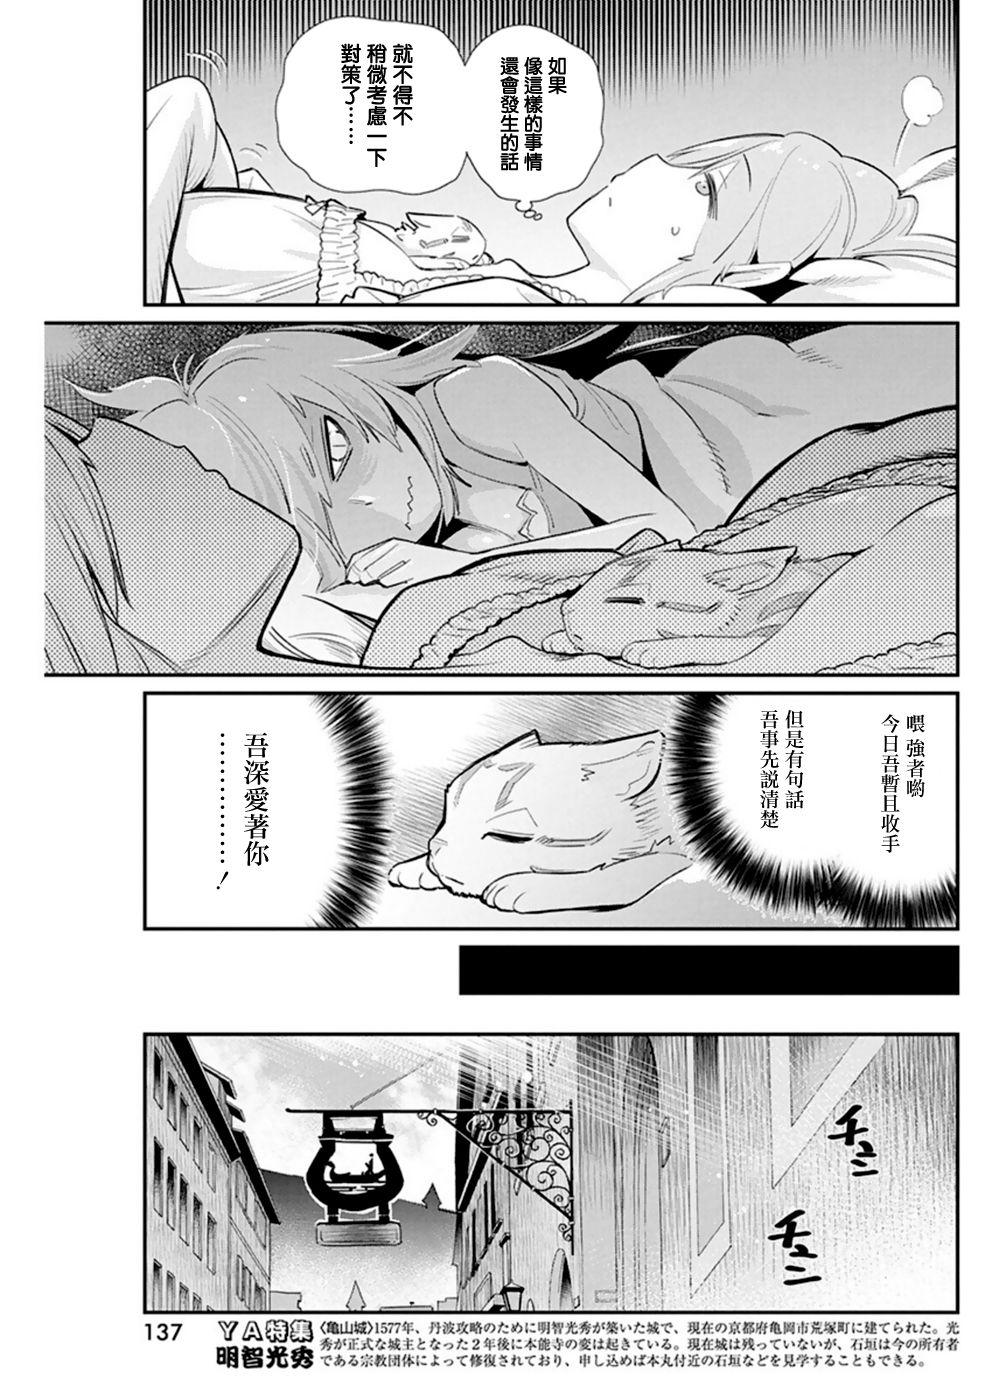 重生的貓騎士與精靈娘的日常: 22話 - 第11页